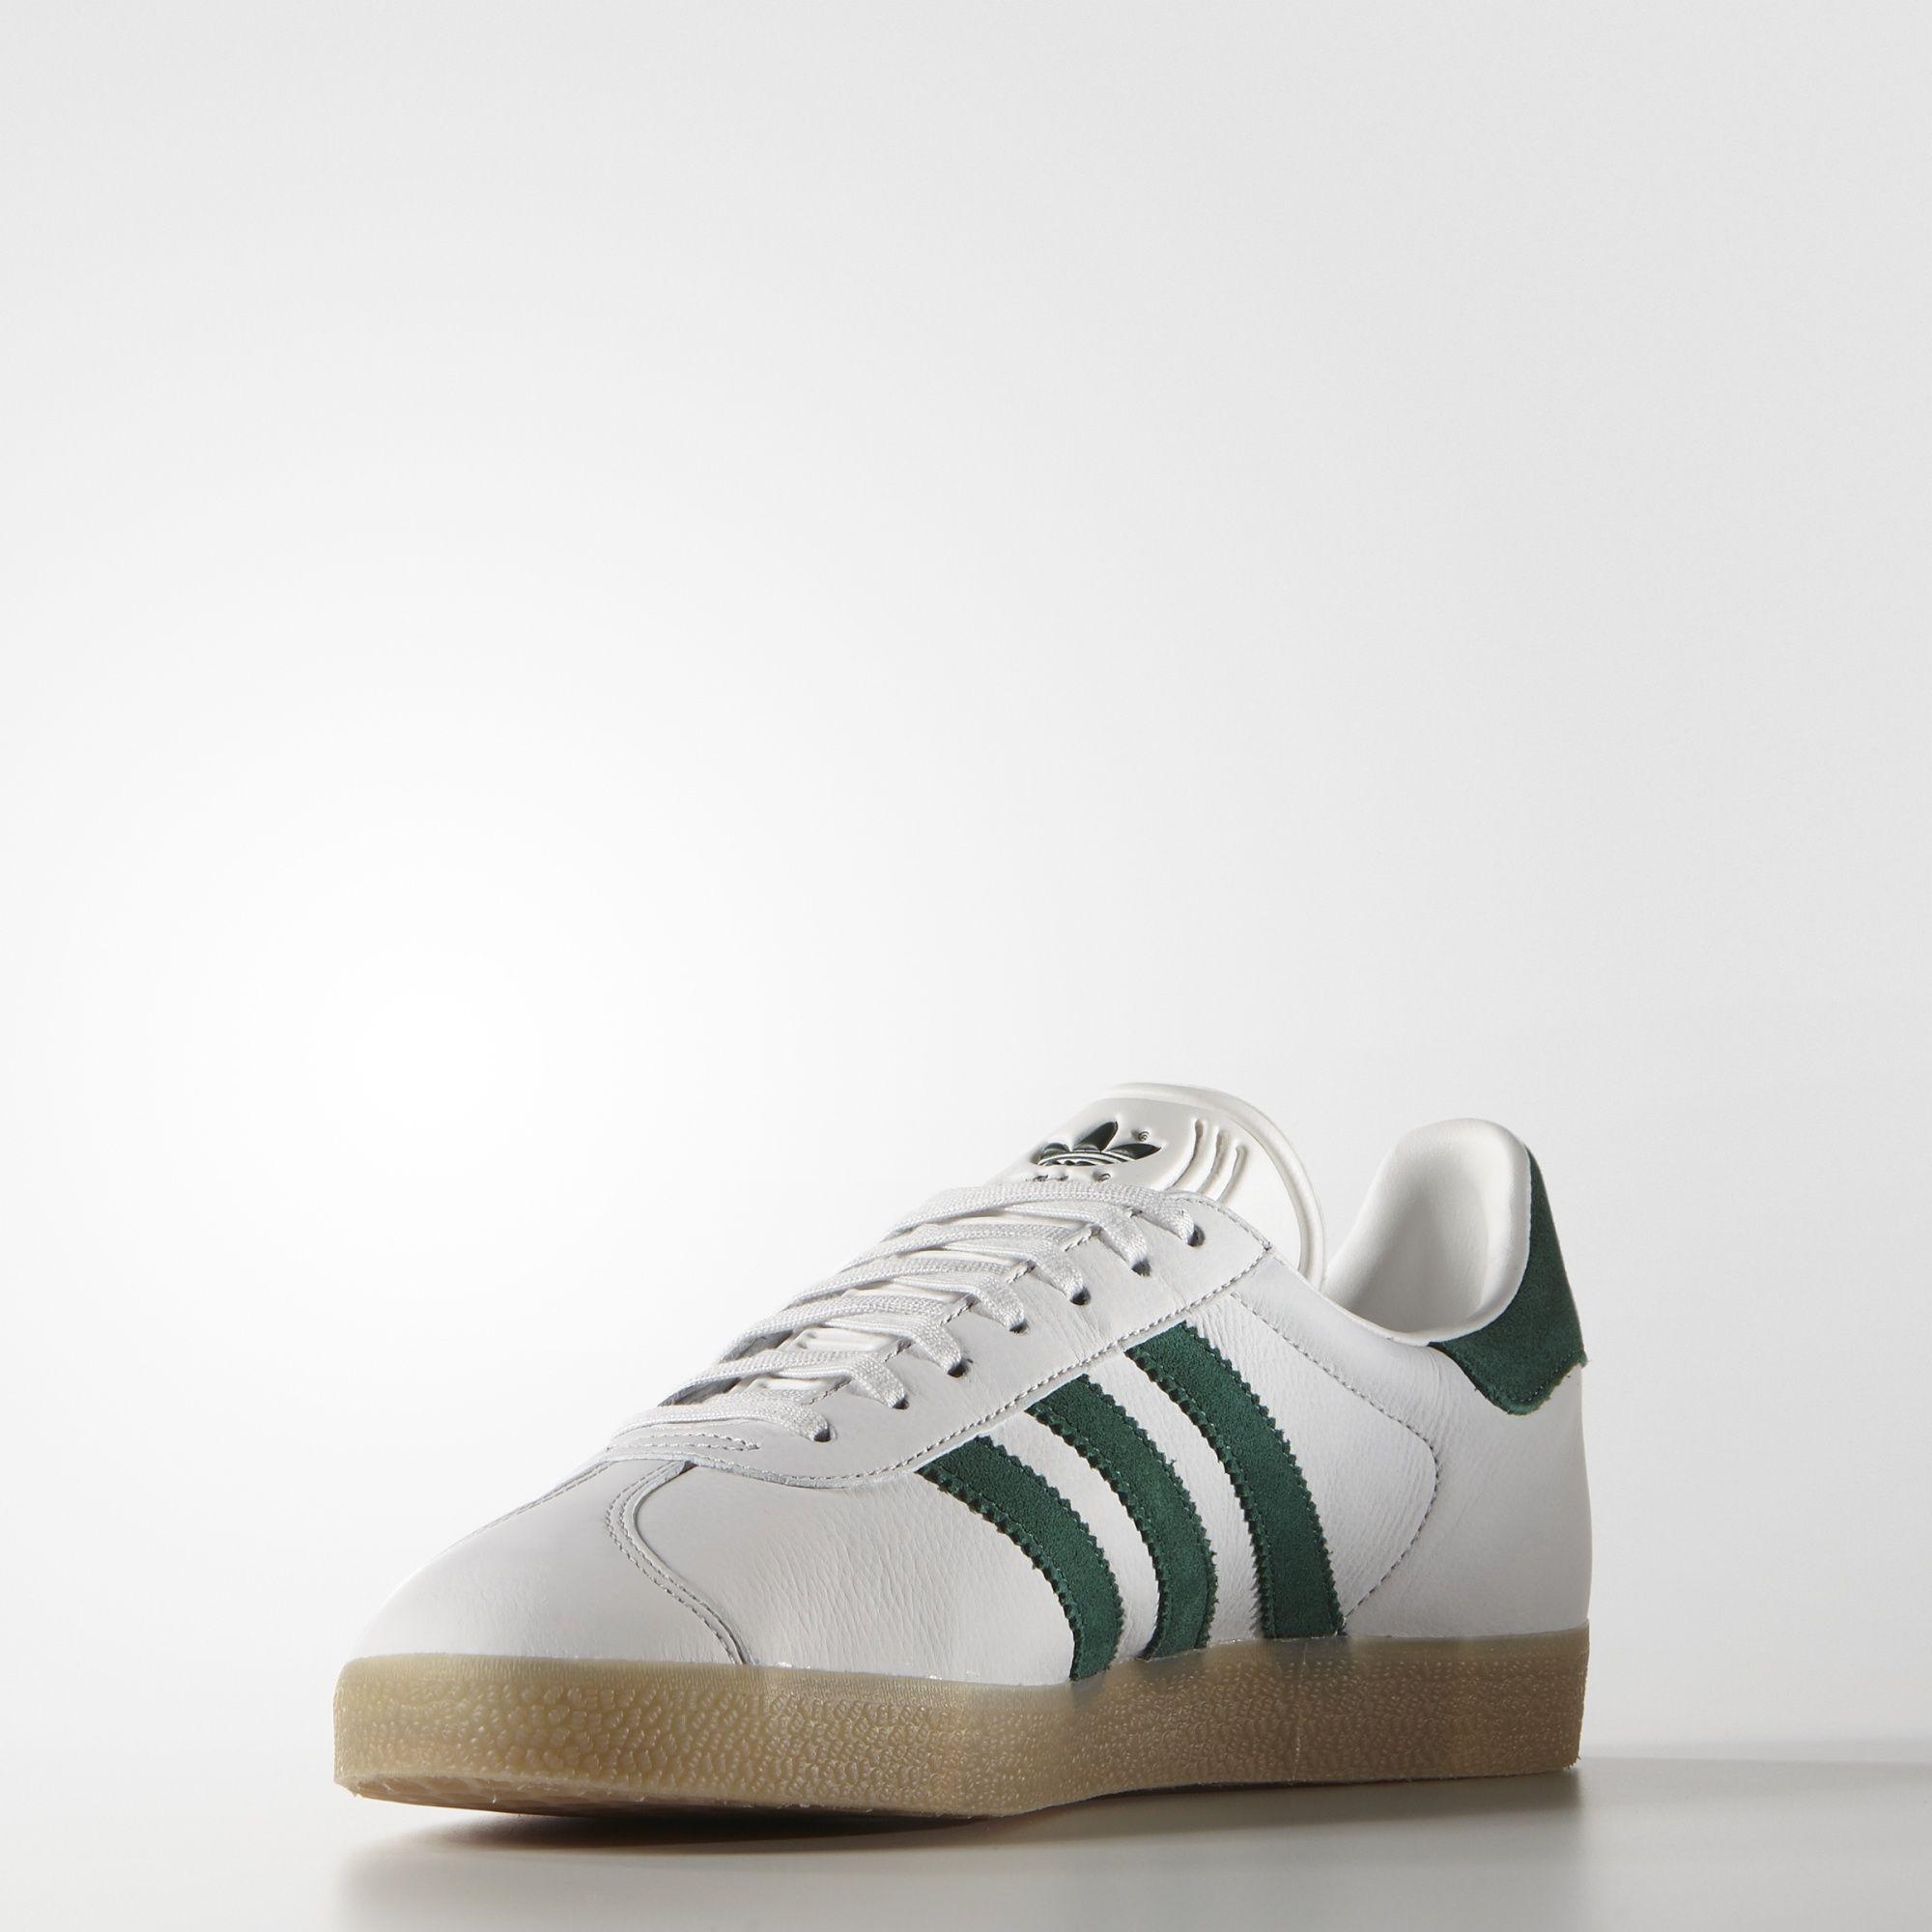 adidas - Gazelle Shoes | Adidas, Adidas gazelle, Adidas sneakers